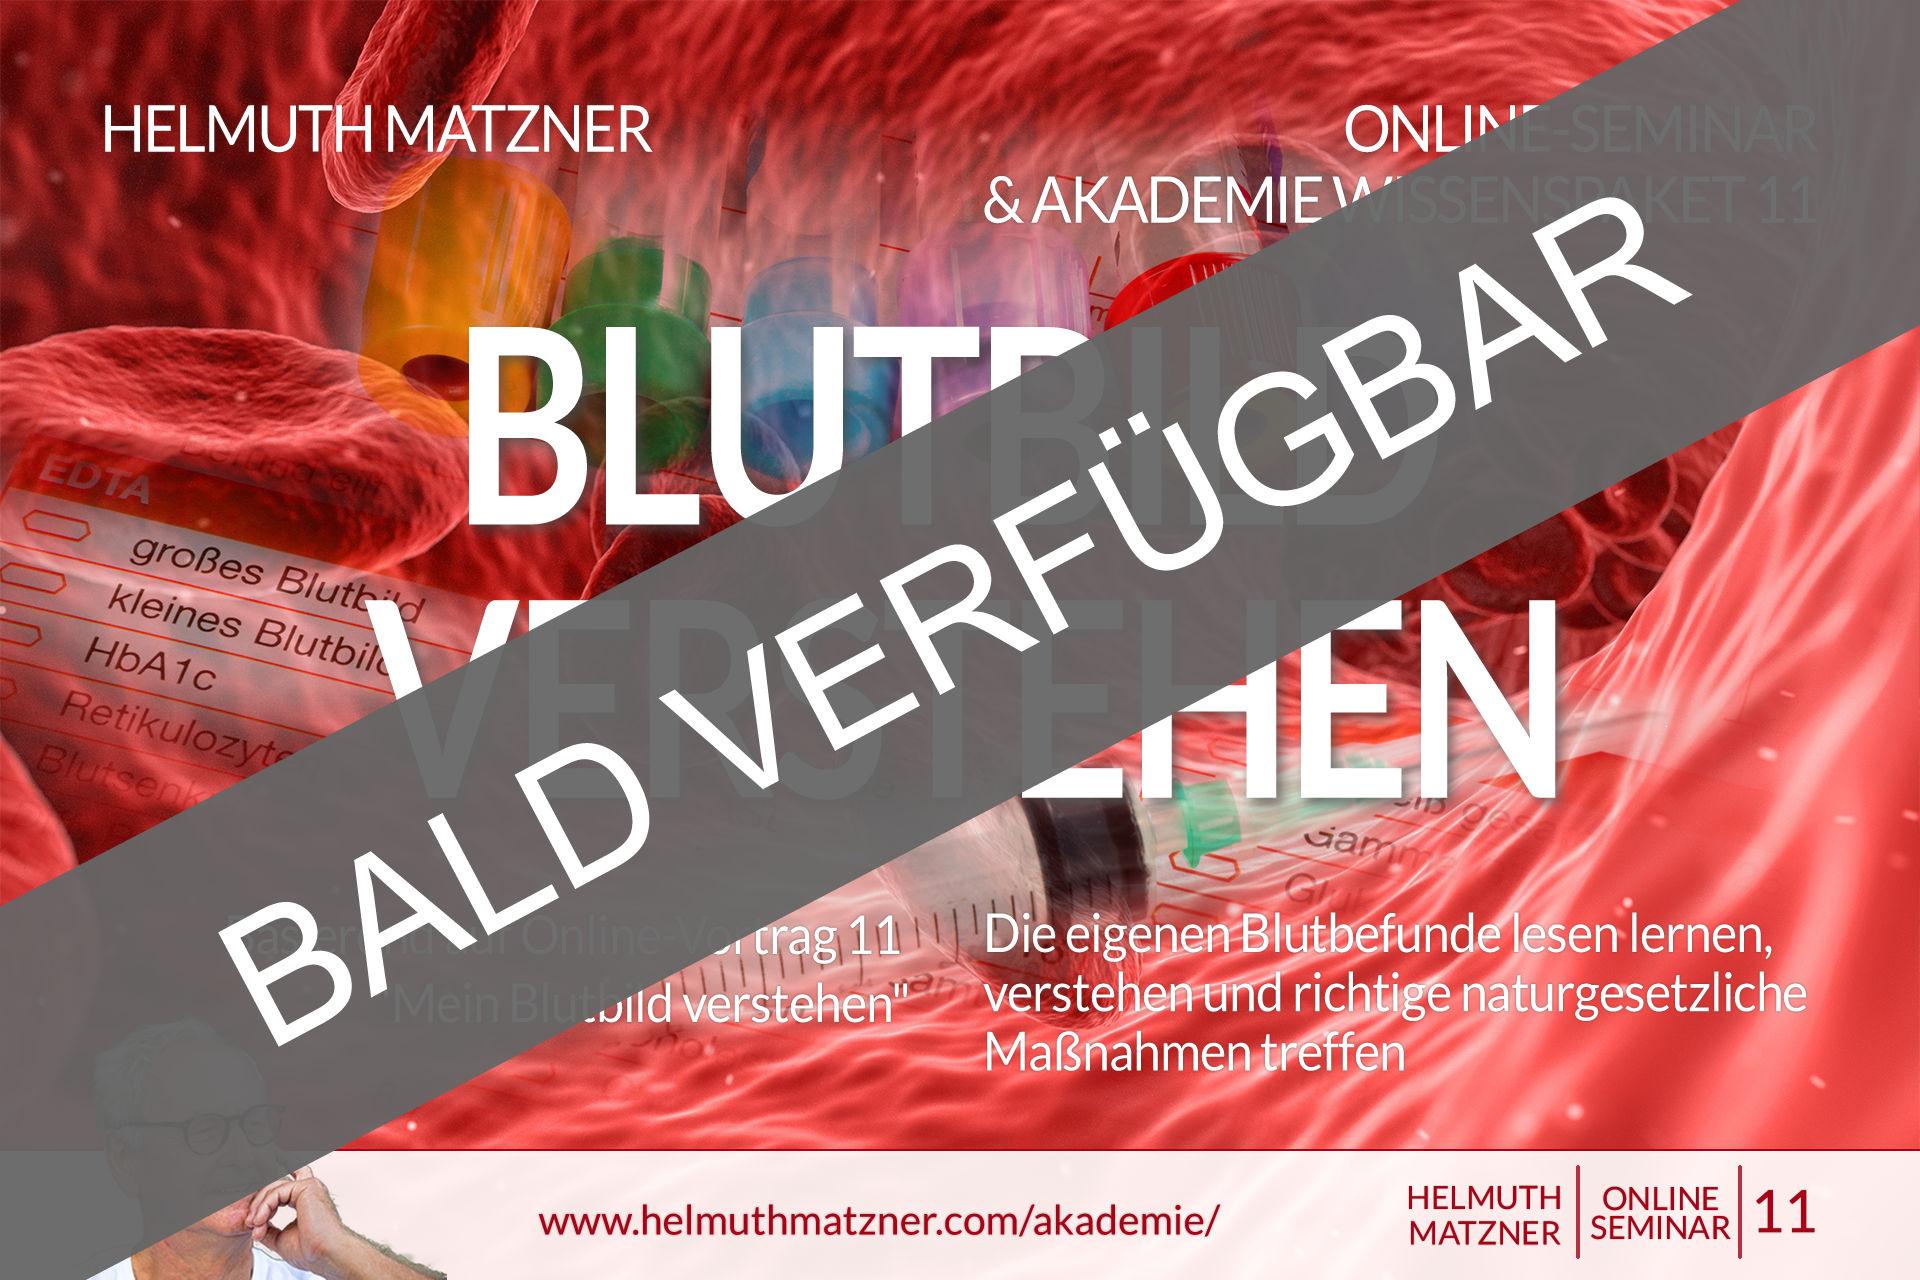 Helmuth Matzner - Masterclass & Akademie Wissenspaket 11 - Blutbild Verstehen - Akademie v05B